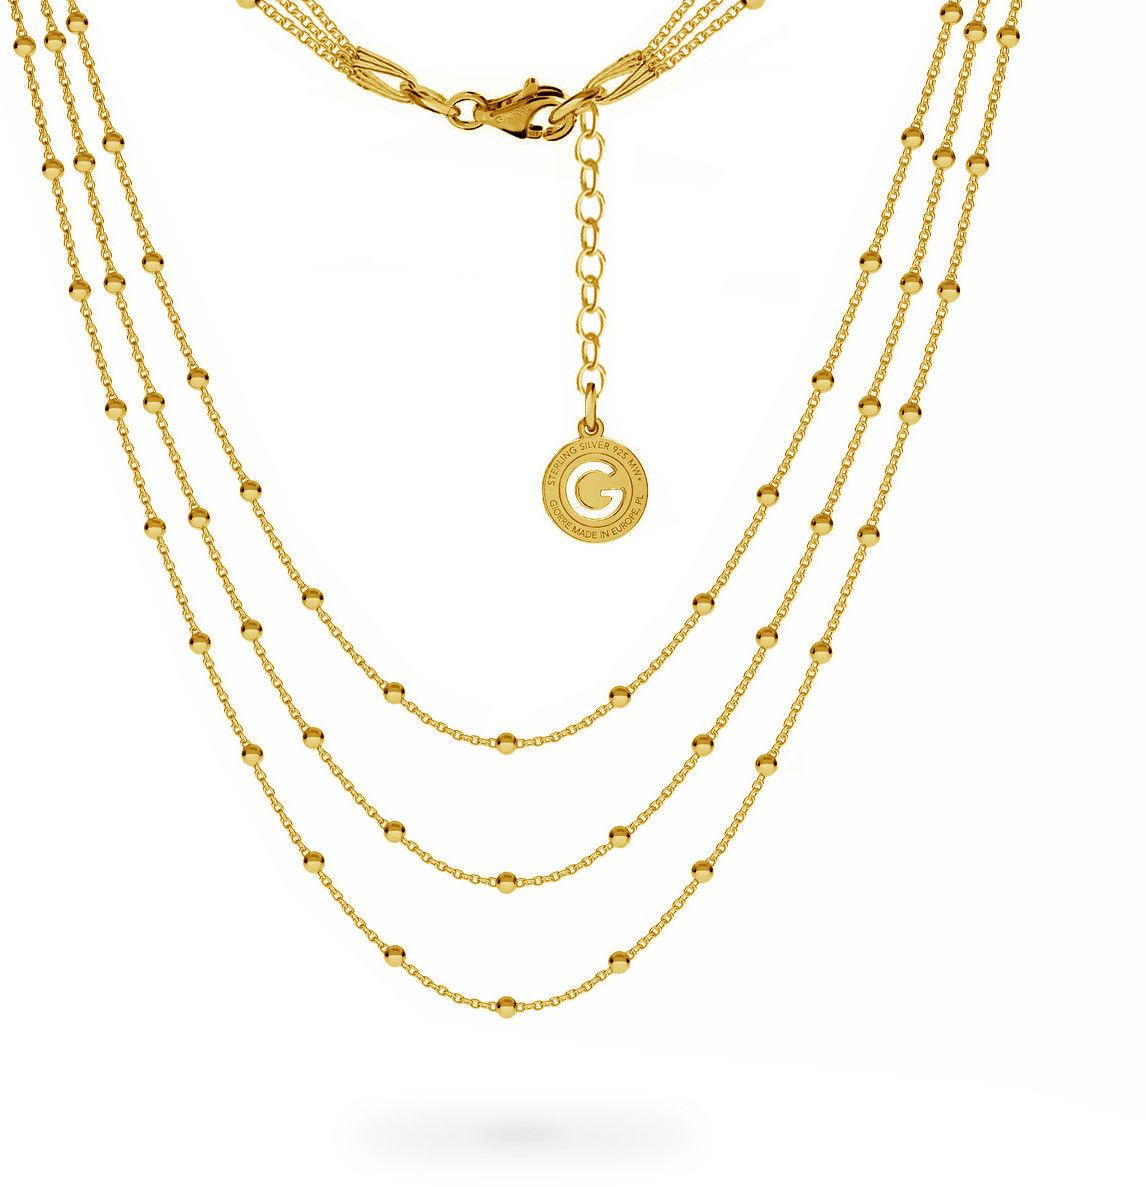 Potrójny łańcuszek 50 cm z kulkami, srebro 925 : Długość (cm) - 38 + 42 + 45 + 5, Srebro - kolor pokrycia - Pokrycie żółtym 18K złotem